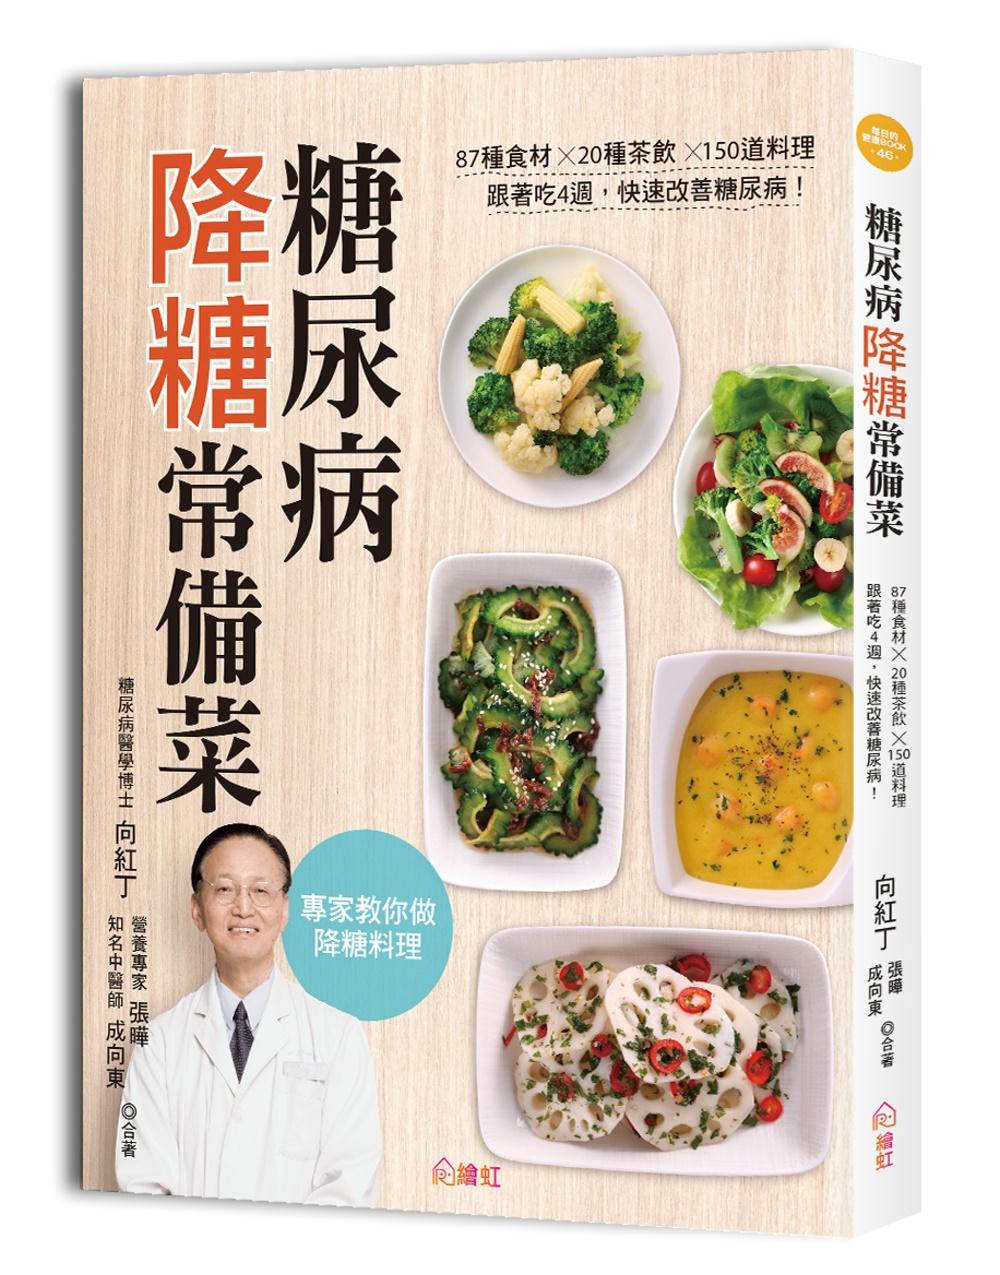 糖尿病降糖常備菜:87種食材✕20種茶飲✕150道料理,跟著吃4週,快速改善糖尿病!